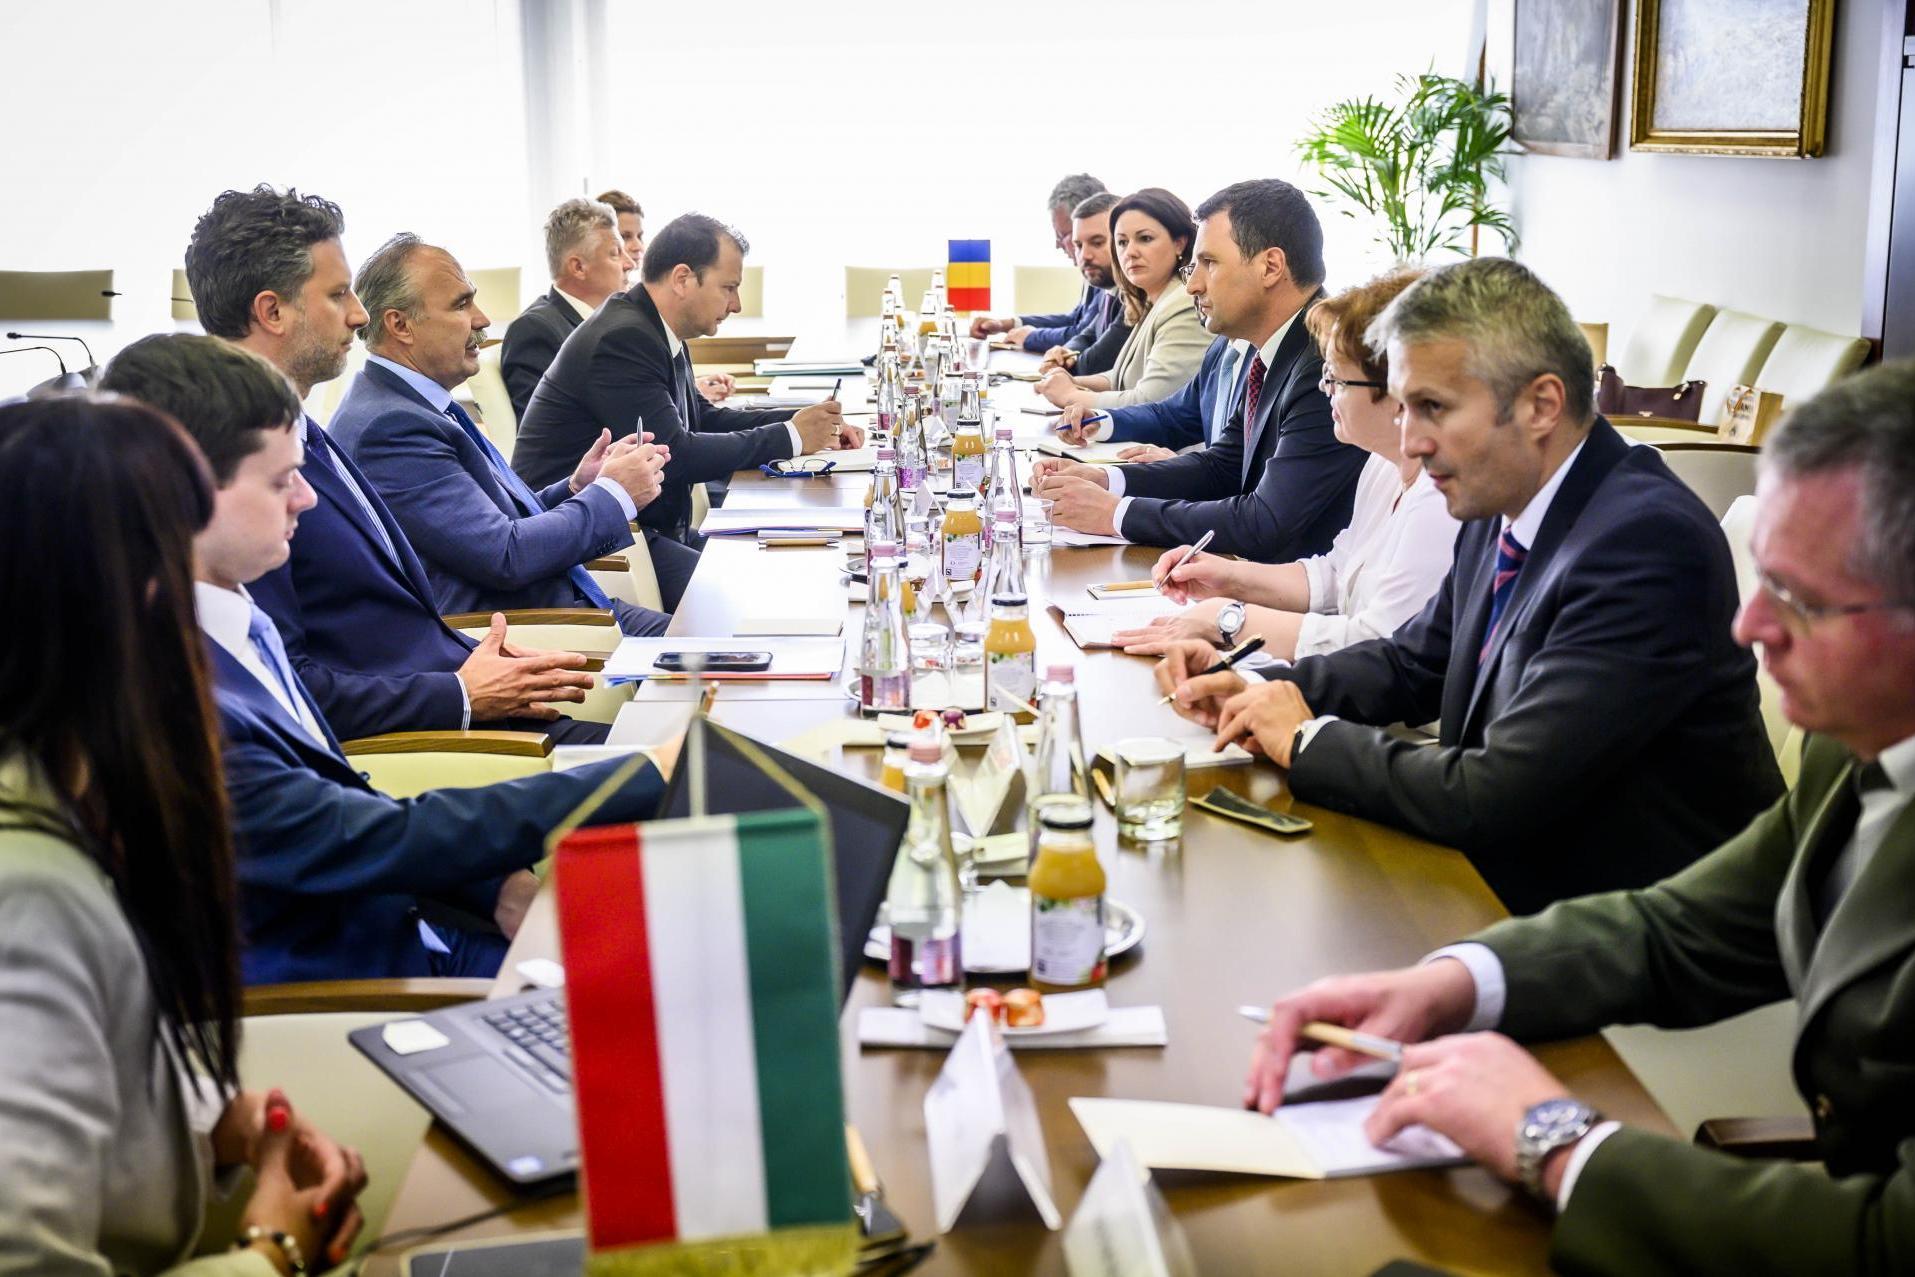 Magyarország is aktív szereplője a természeti környezet megóvását segítő programoknak